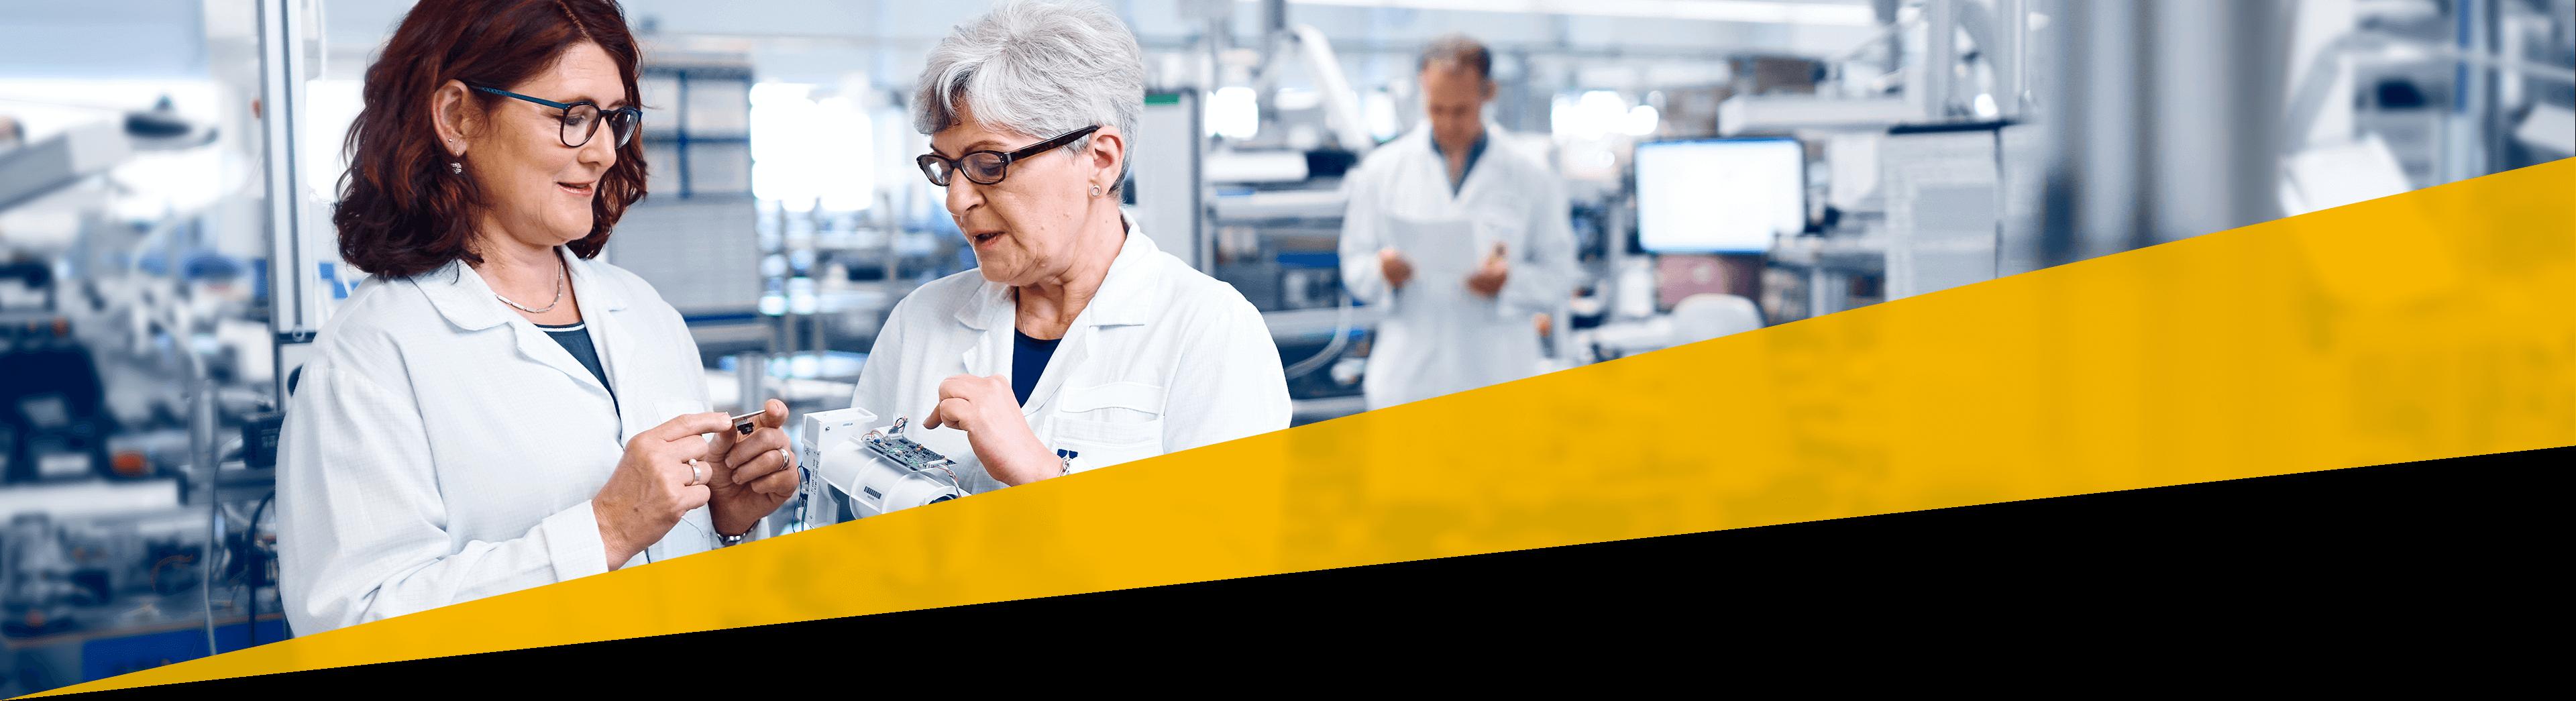 LRE Medical in München und Nördlingen Unternehmen